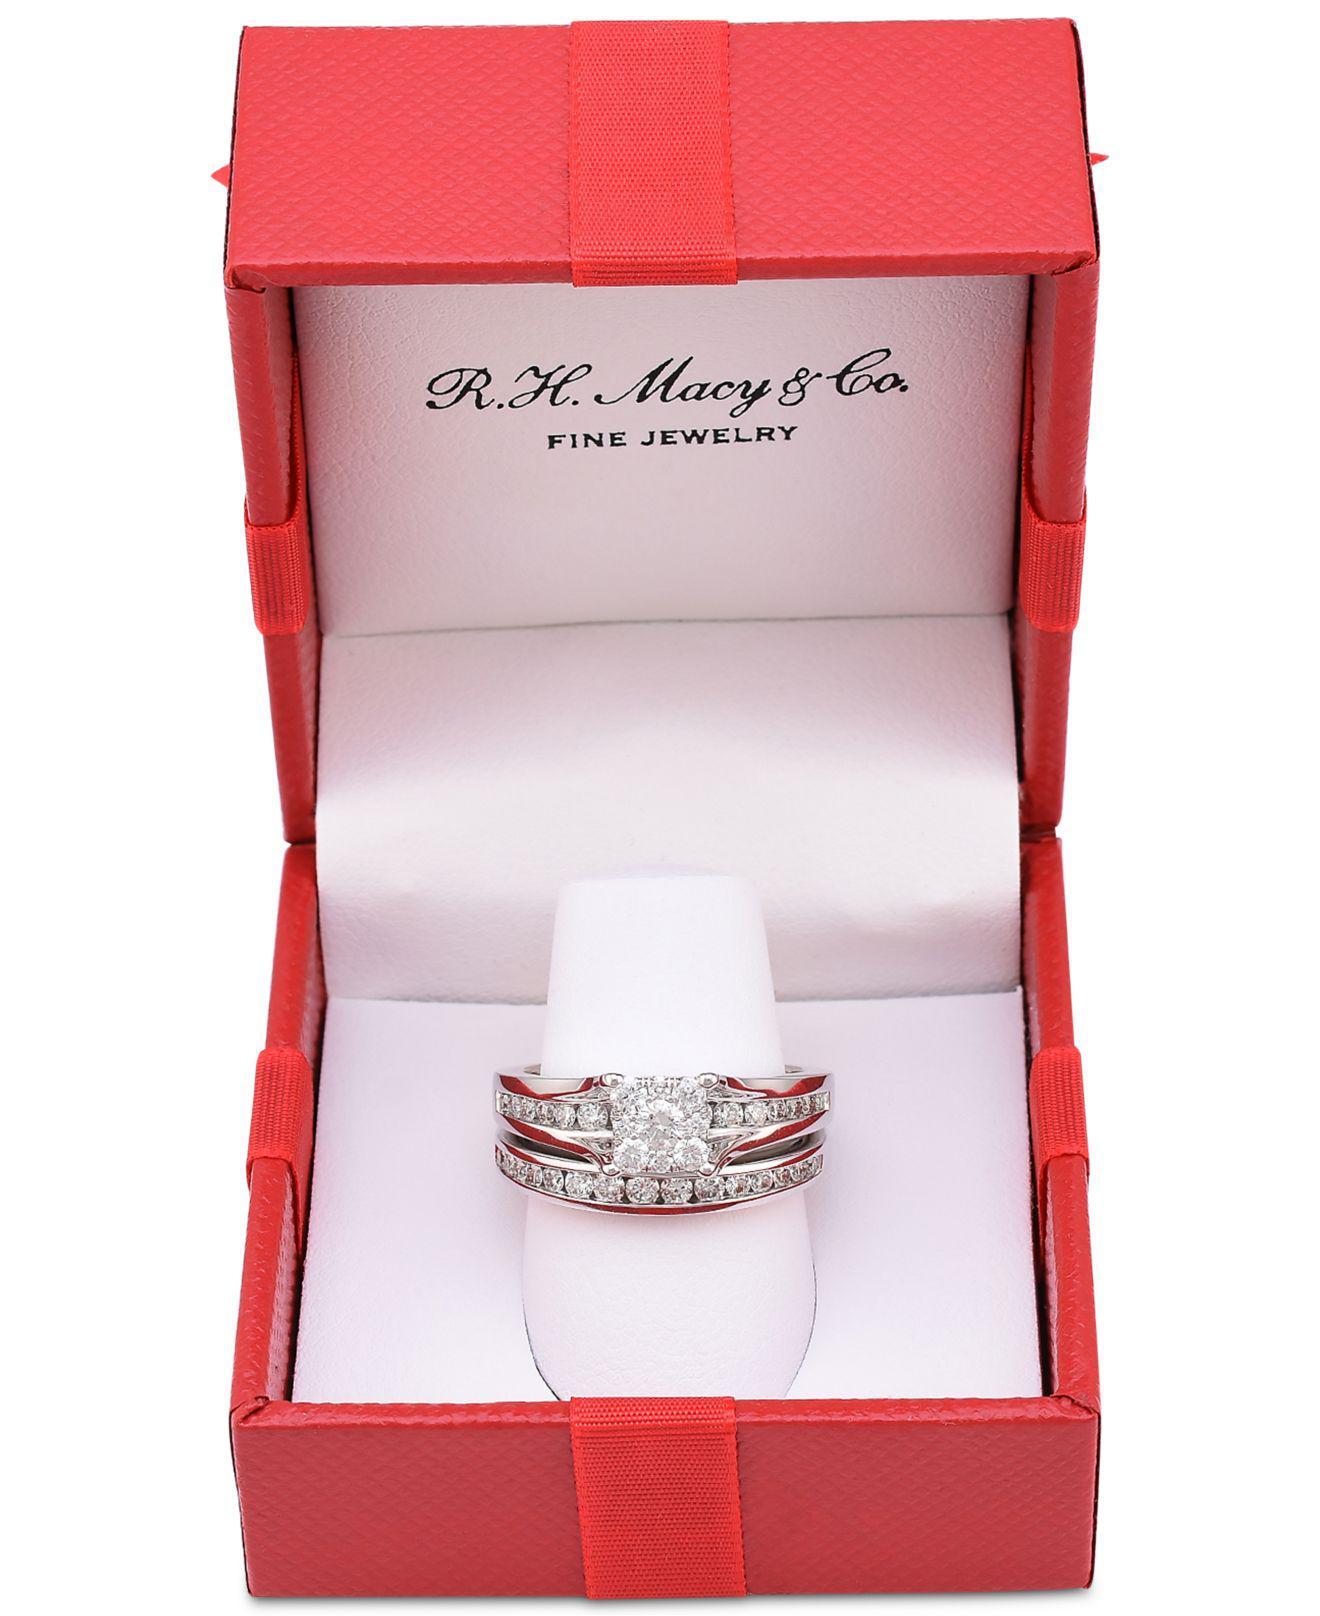 Macy s Diamond Cluster Channel set Bridal Set 1 Ct T w In 14k